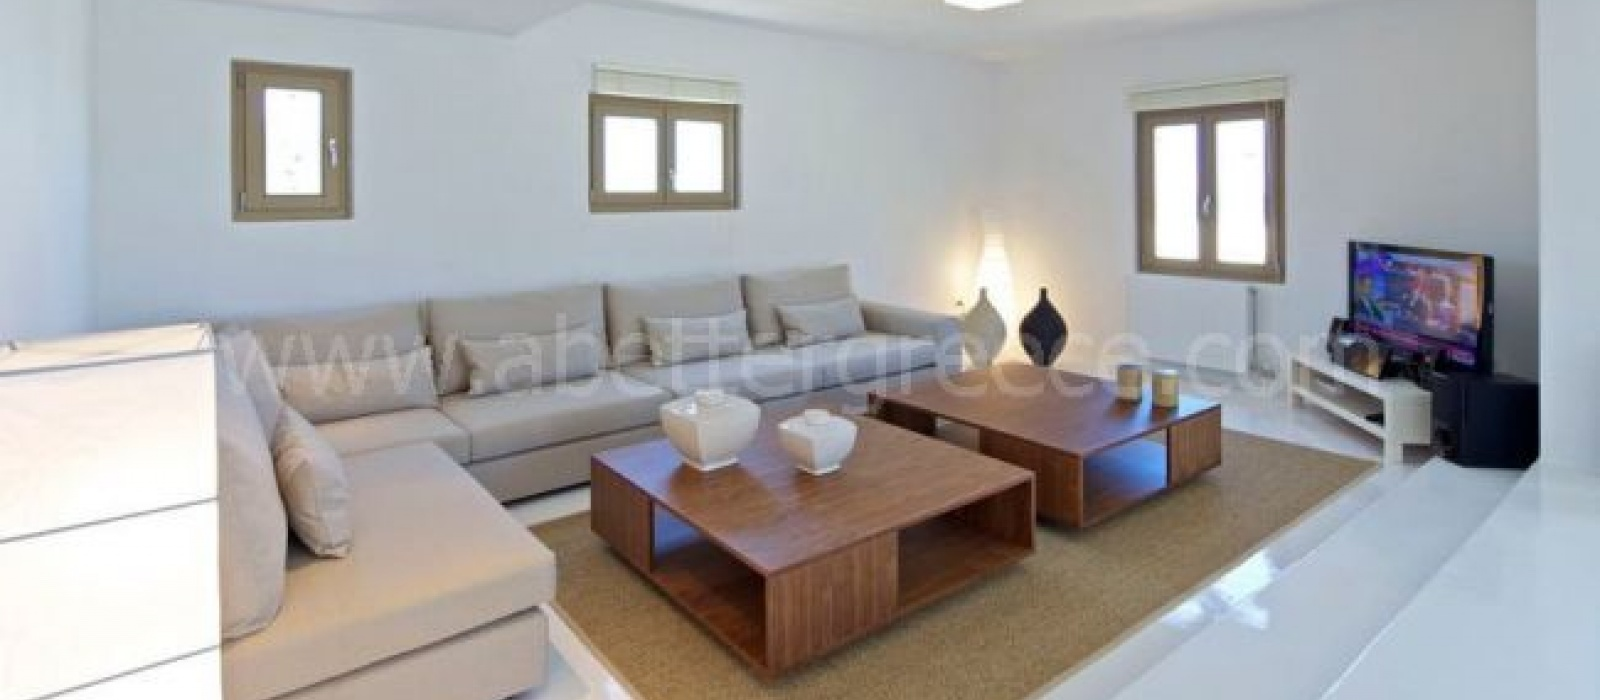 4 Bedrooms, Villa, Vacation Rental, 3 Bathrooms, Listing ID 1050, Paros, Greece,